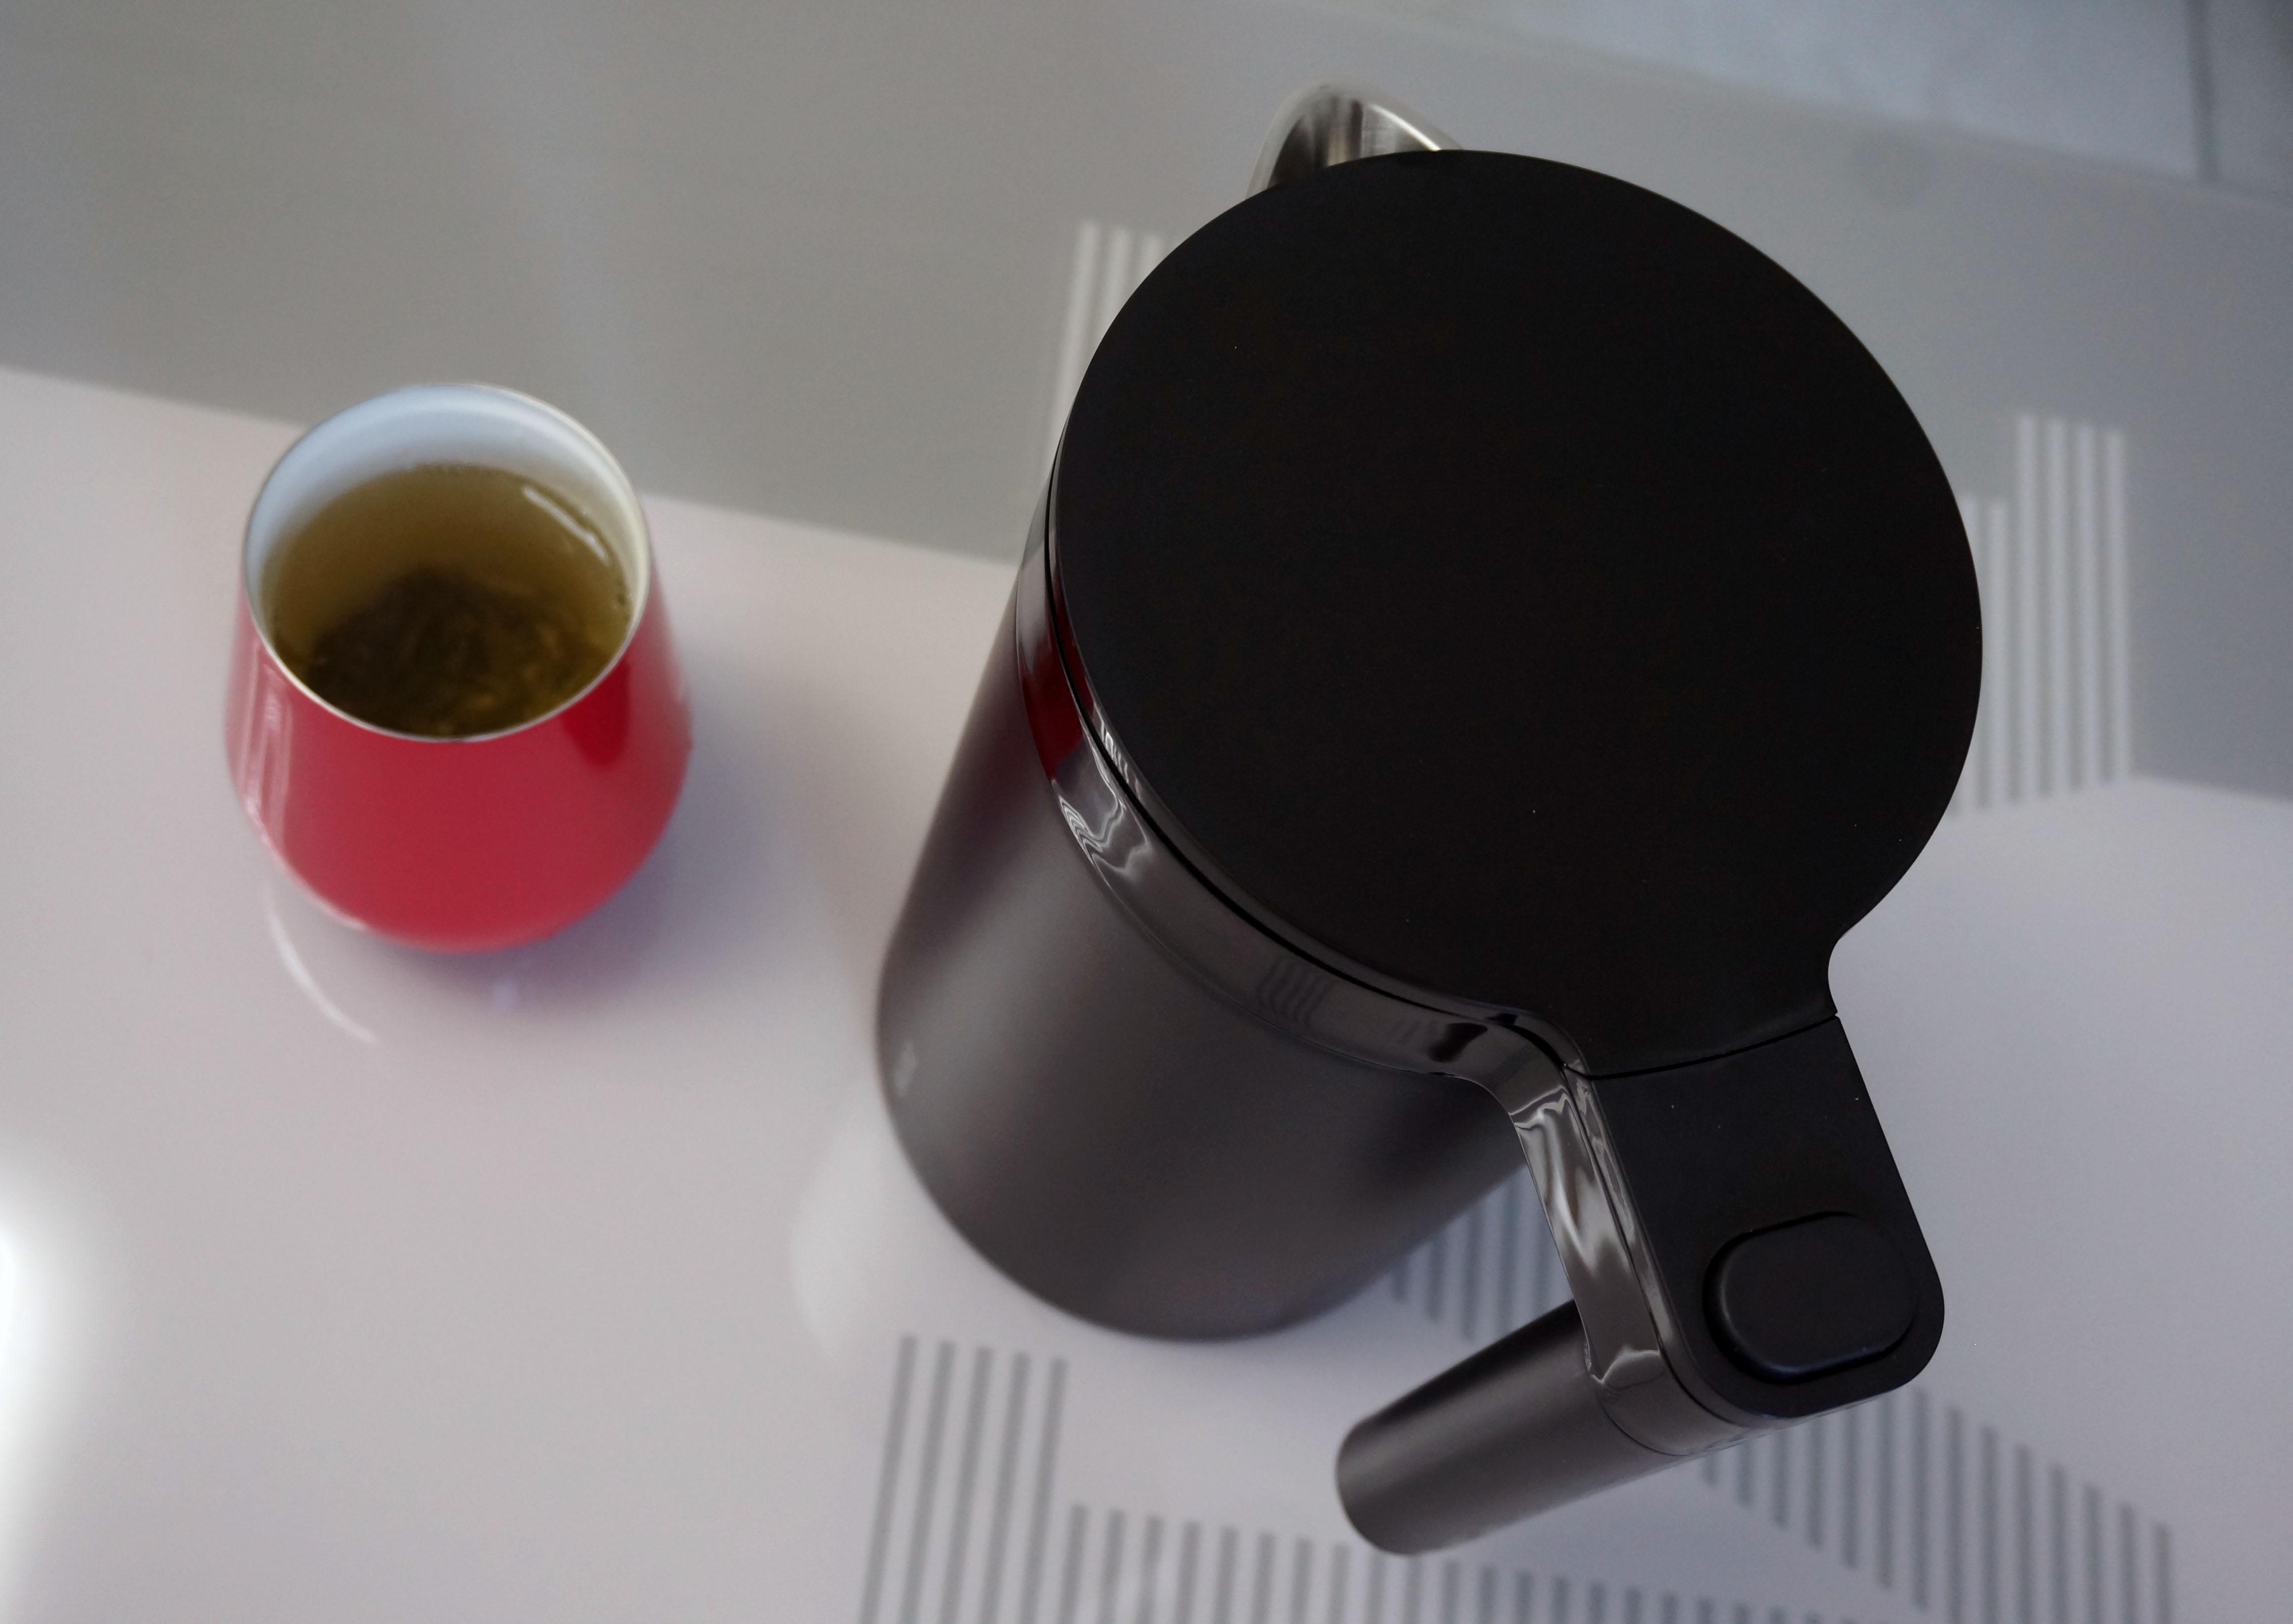 爱上喝水,从这款电热水壶开始!智能恒温更安全,家里人都喜欢